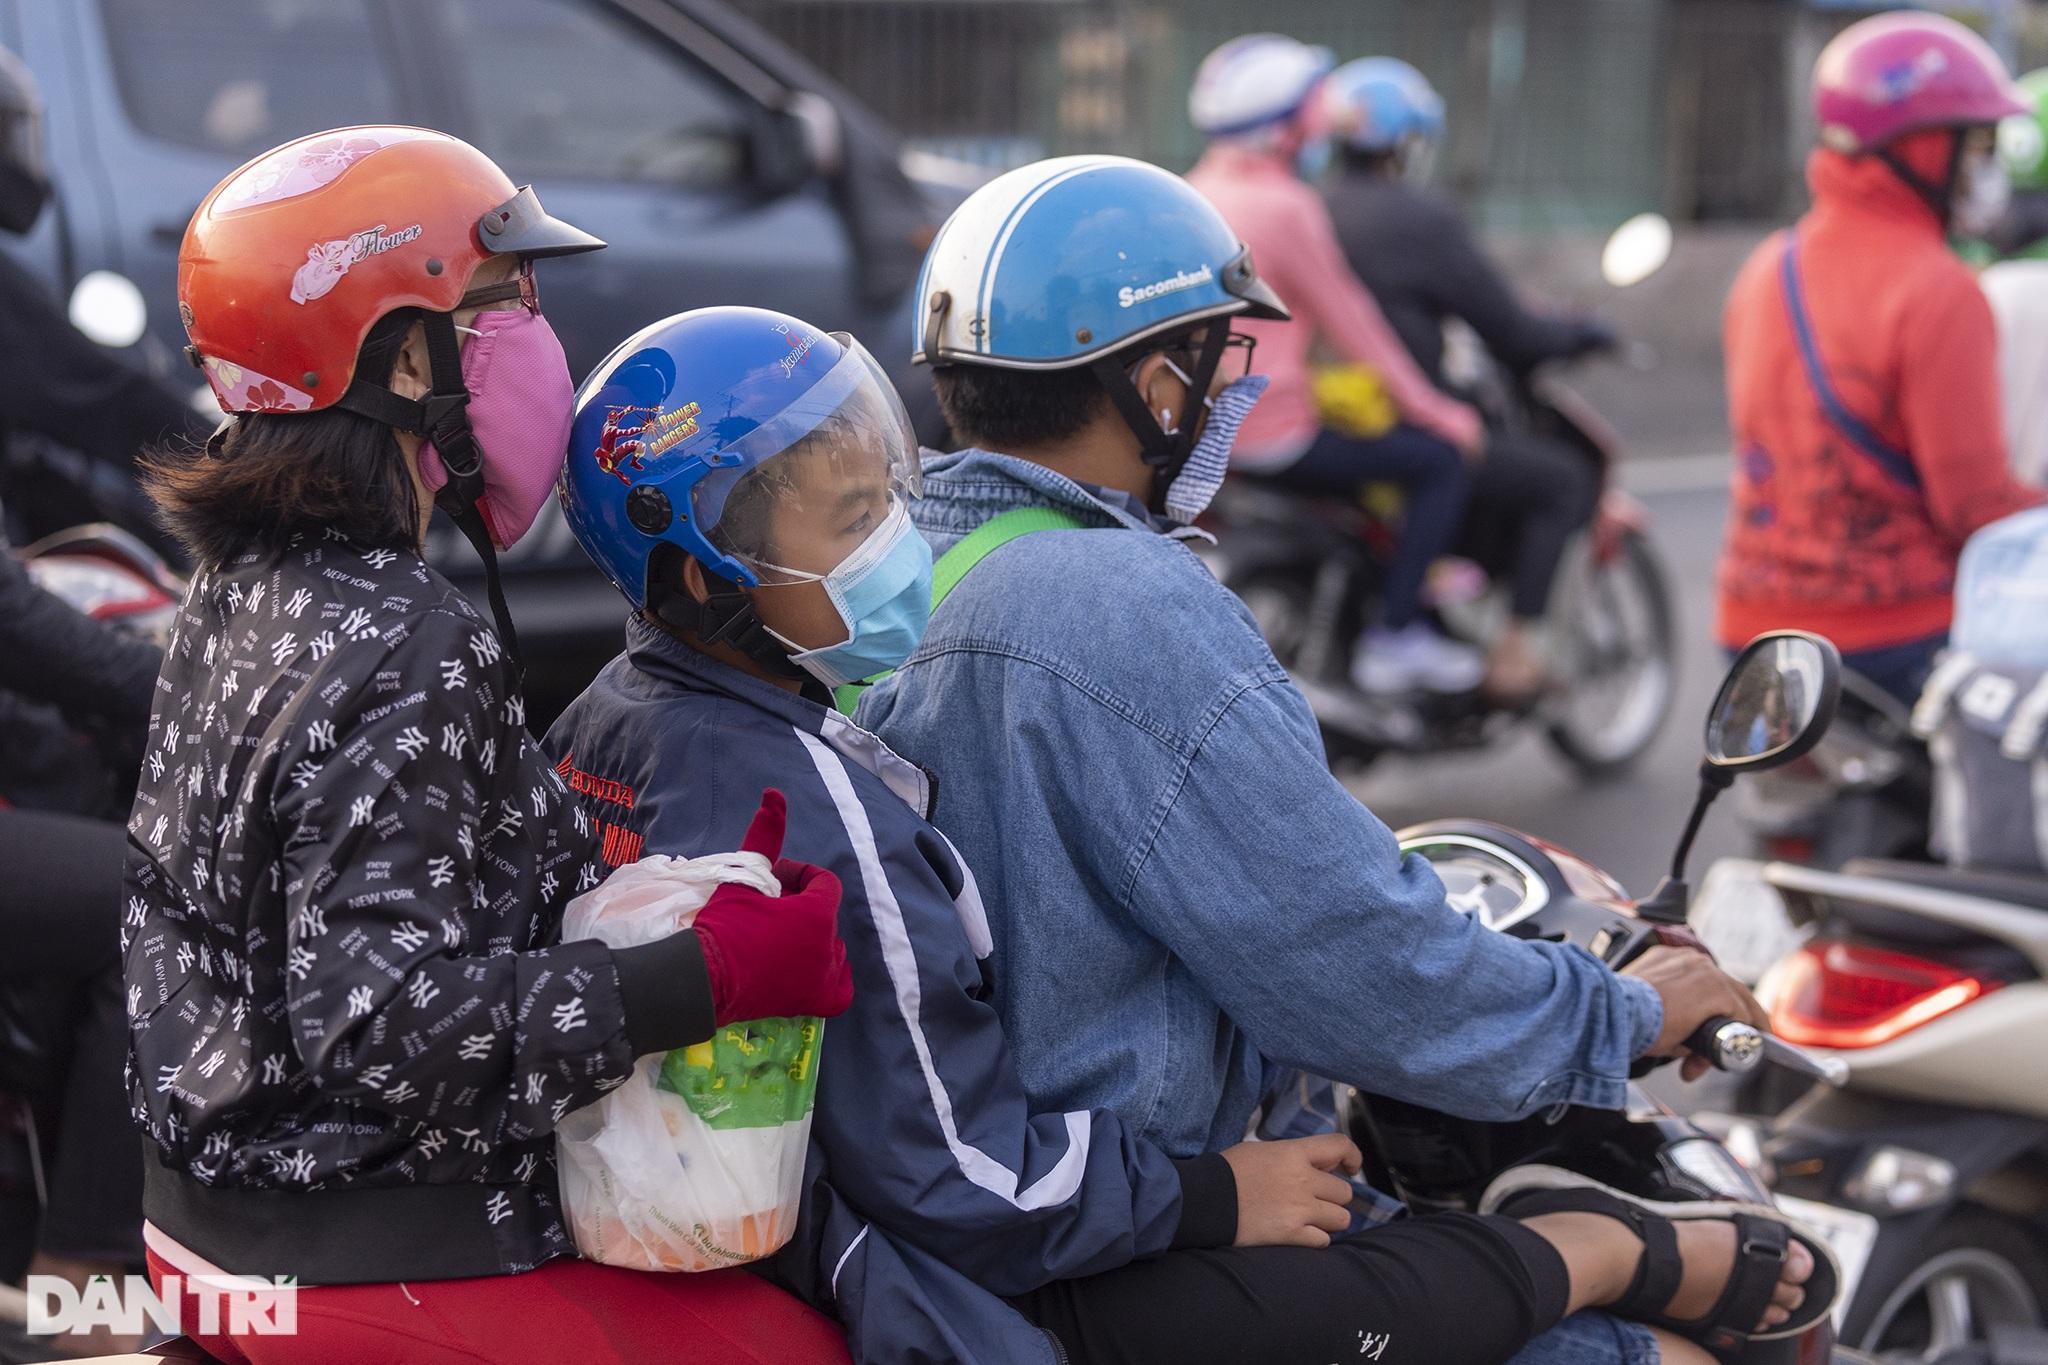 Người dân trở lại Sài Gòn sớm, giao thông cửa ngõ ùn tắc, hỗn loạn - 17